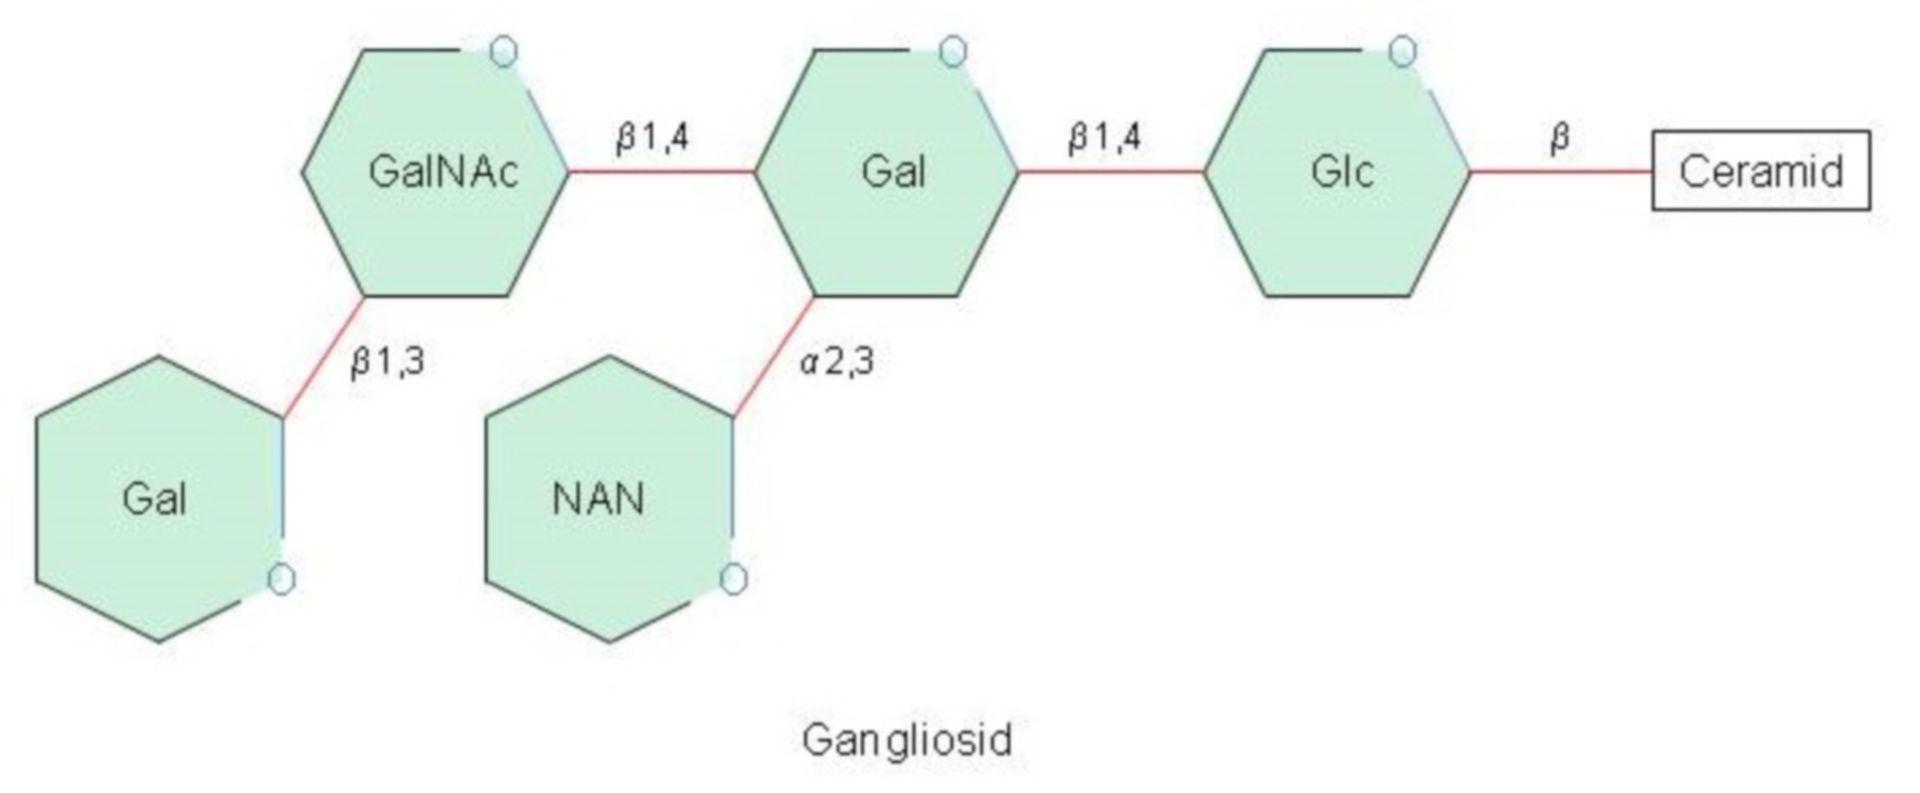 Gangliosid